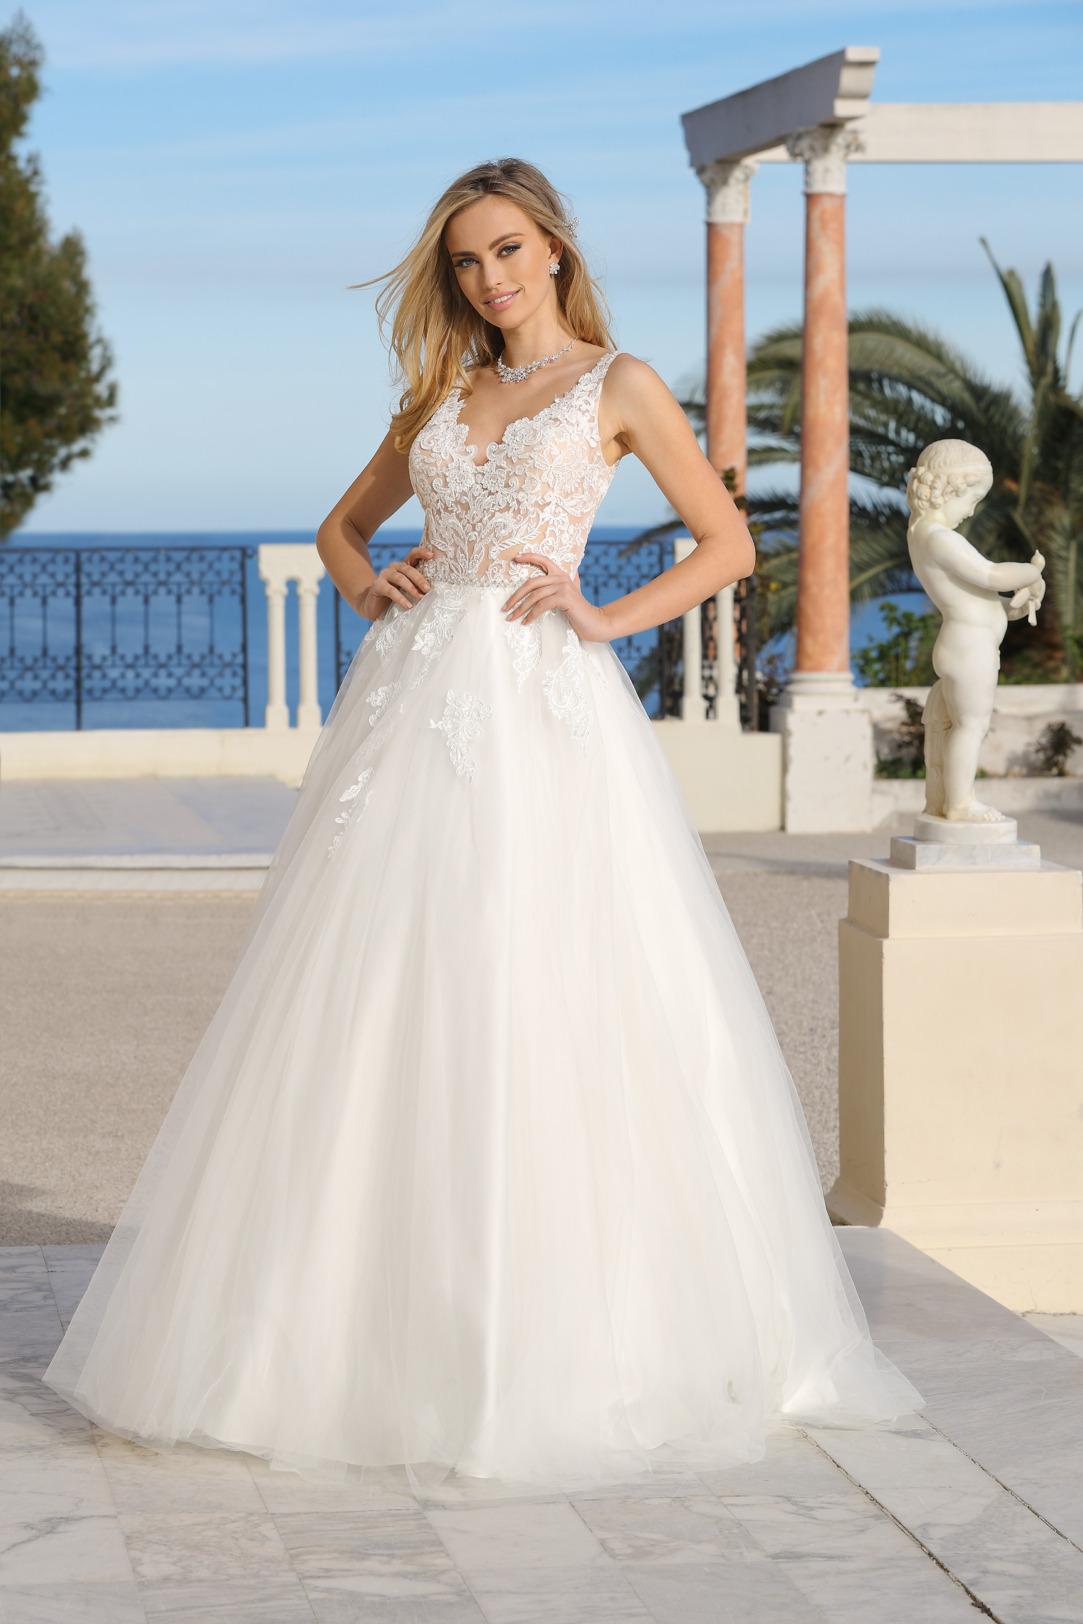 Prinzessinnen Brautkleid von Ladybird Modell 321042 mit transparenter Spitze und V Ausschnitt